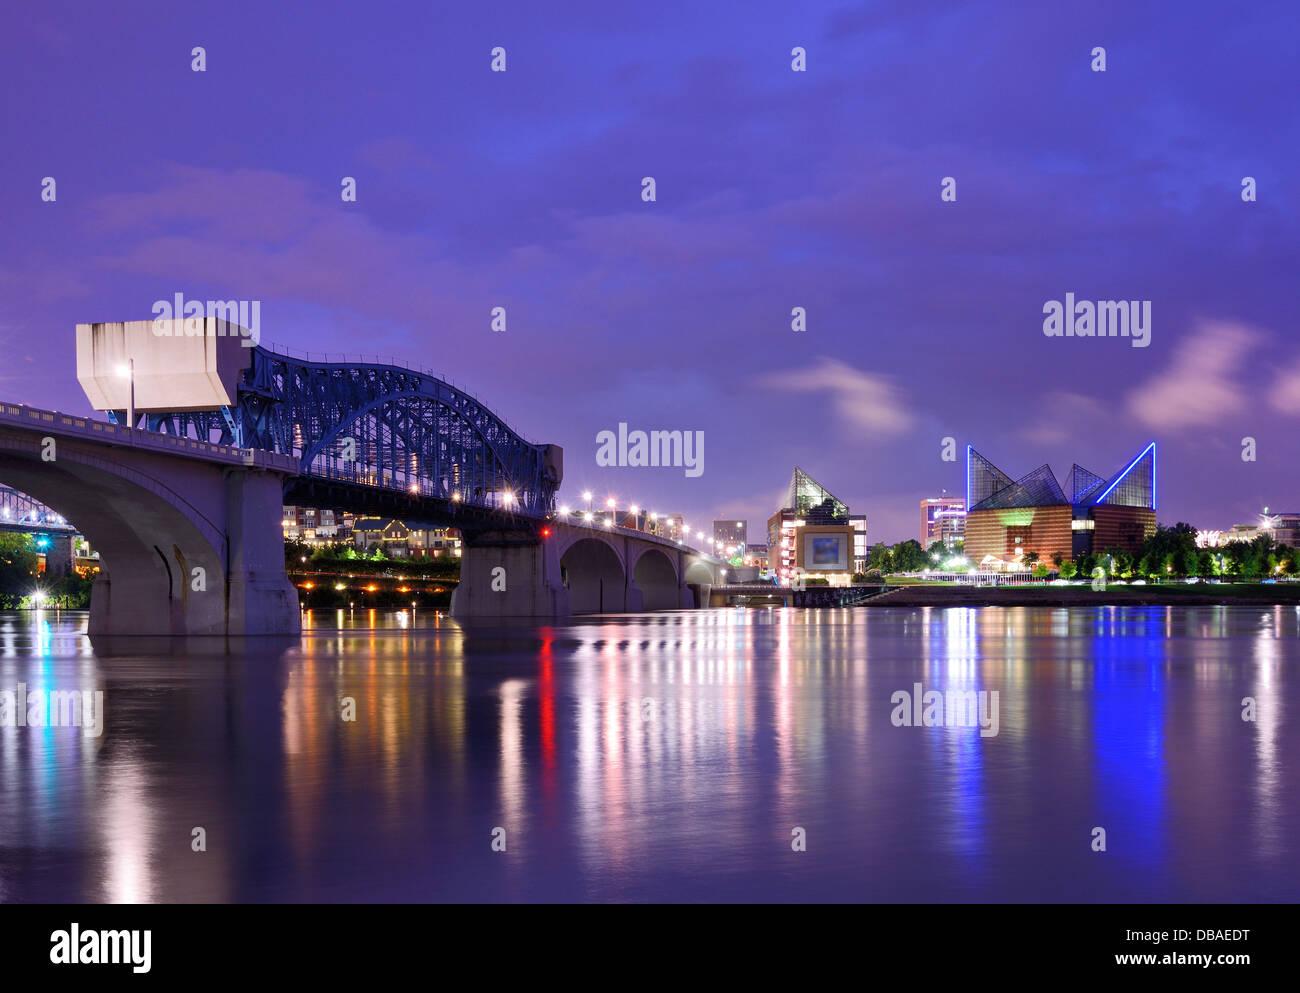 Centro de Chattanooga, Tennessee, Estados Unidos. Imagen De Stock